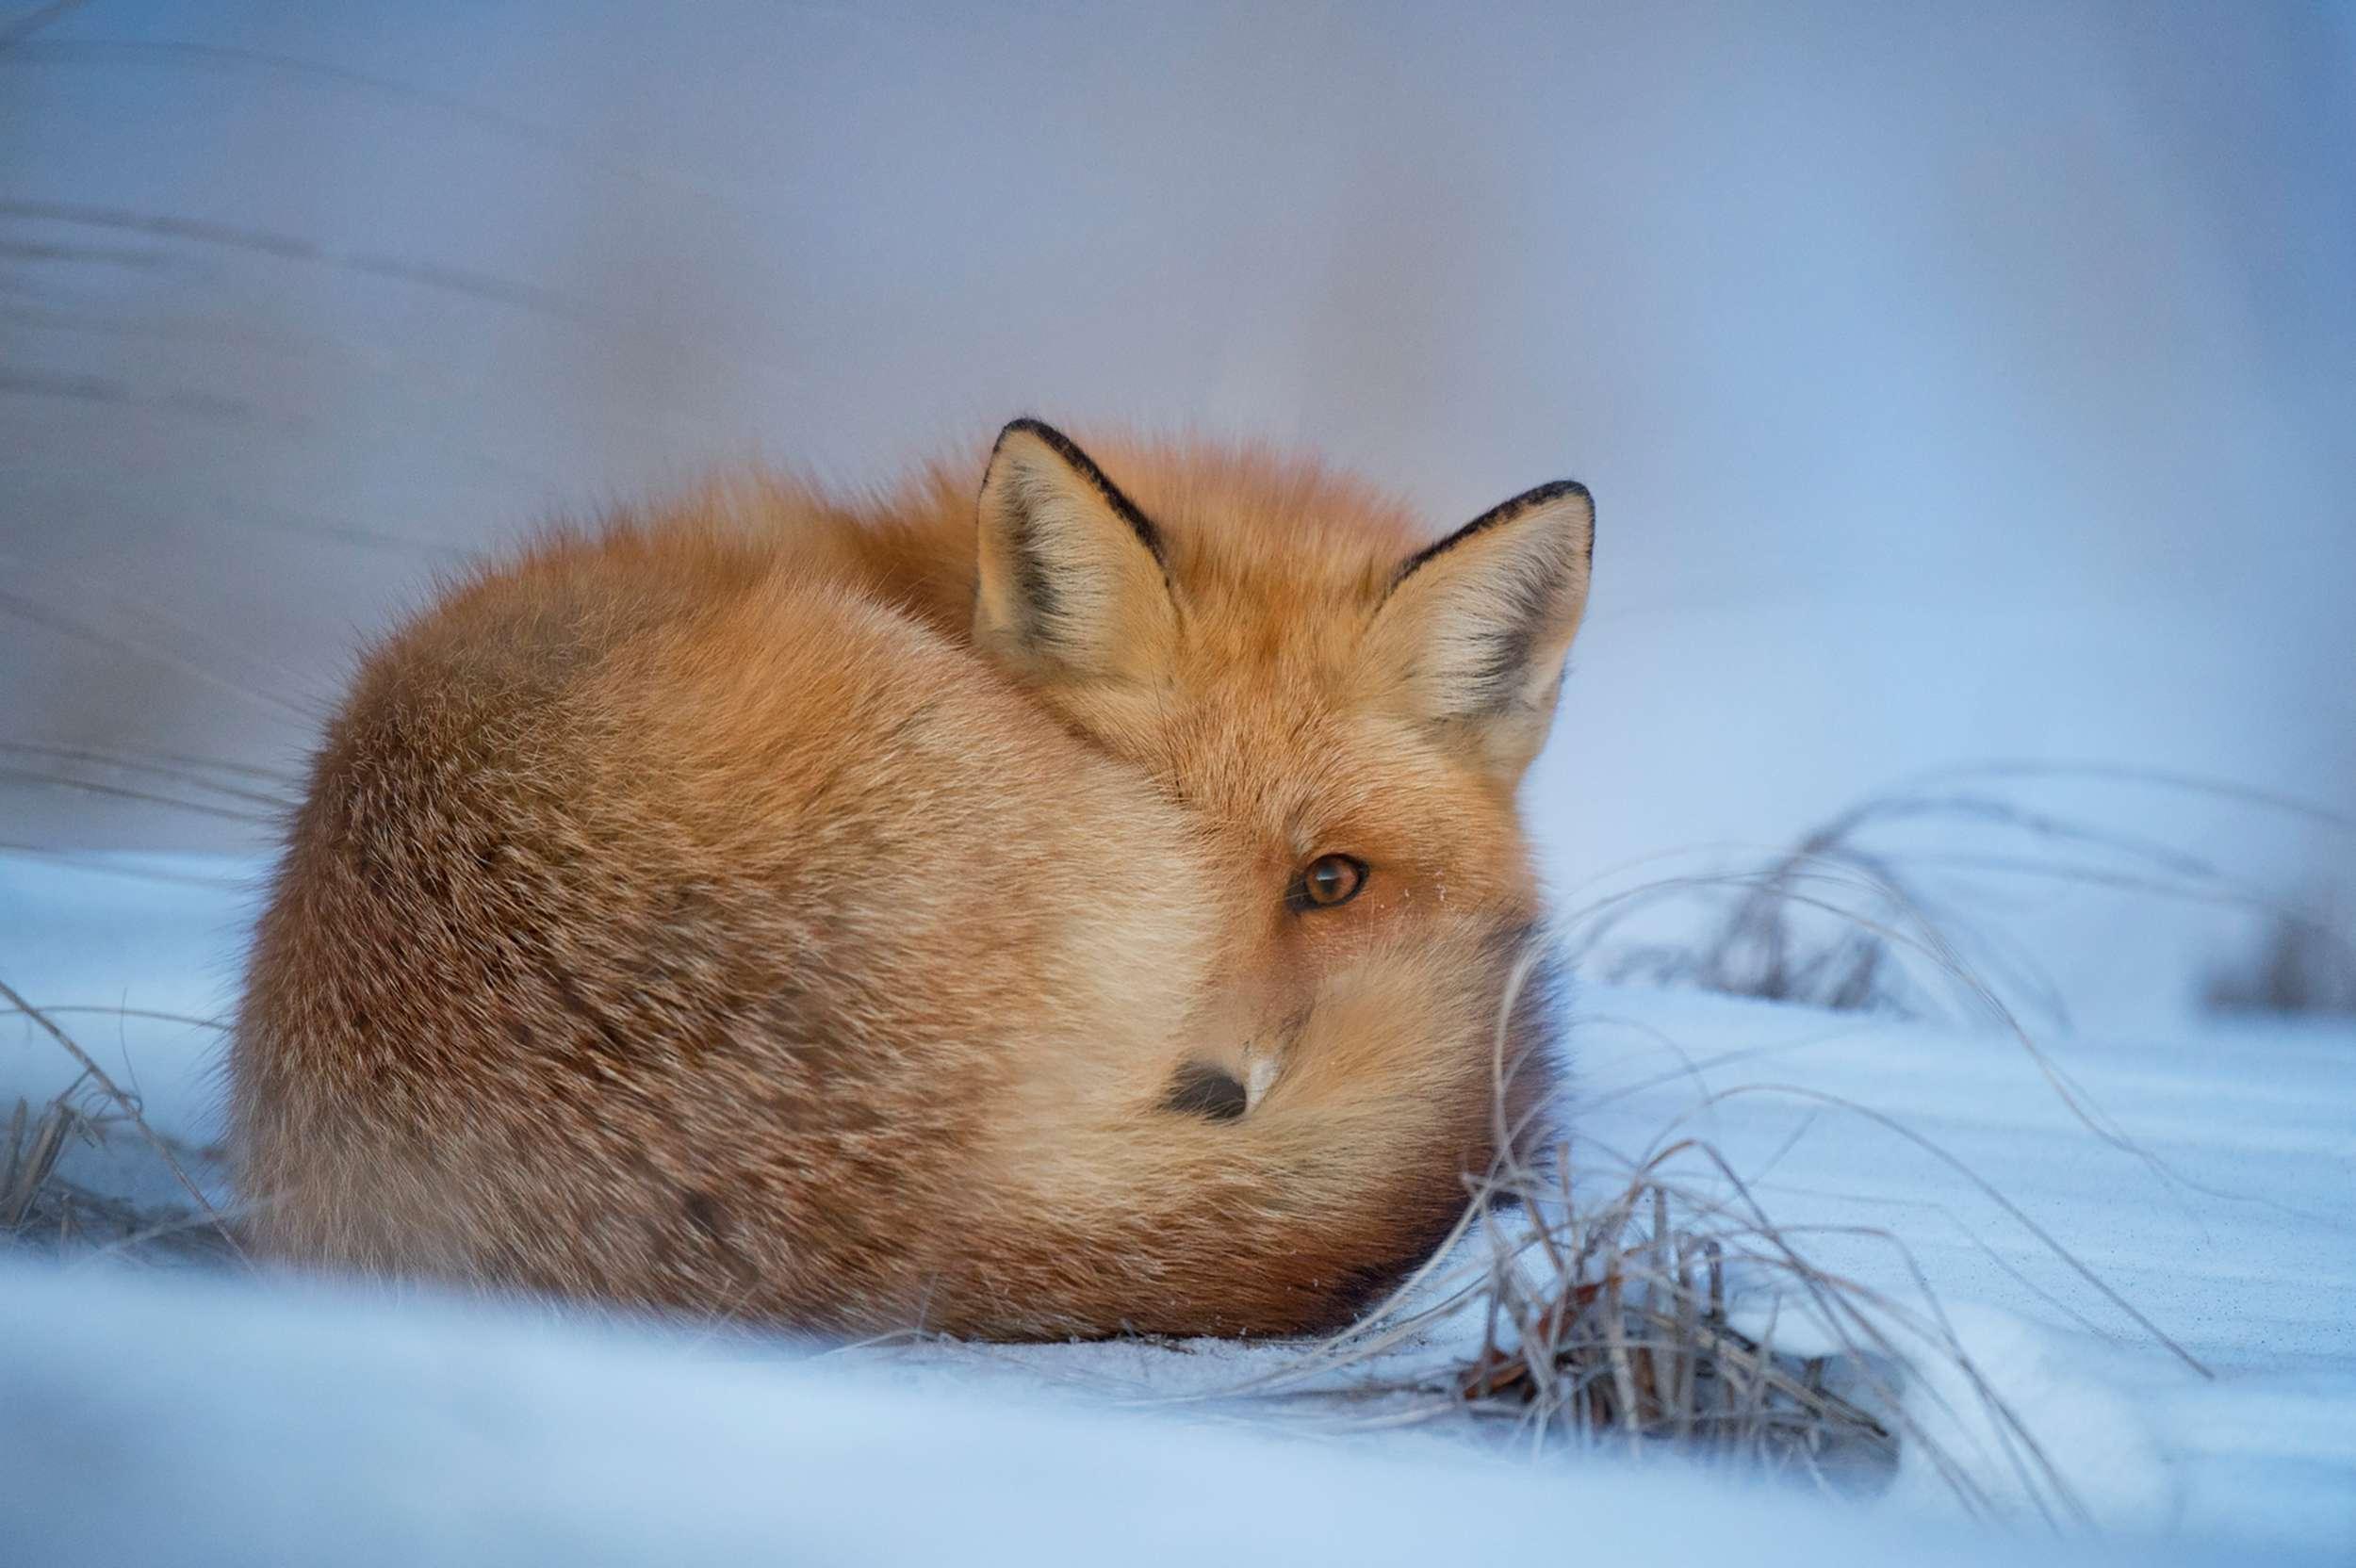 Freezed fox